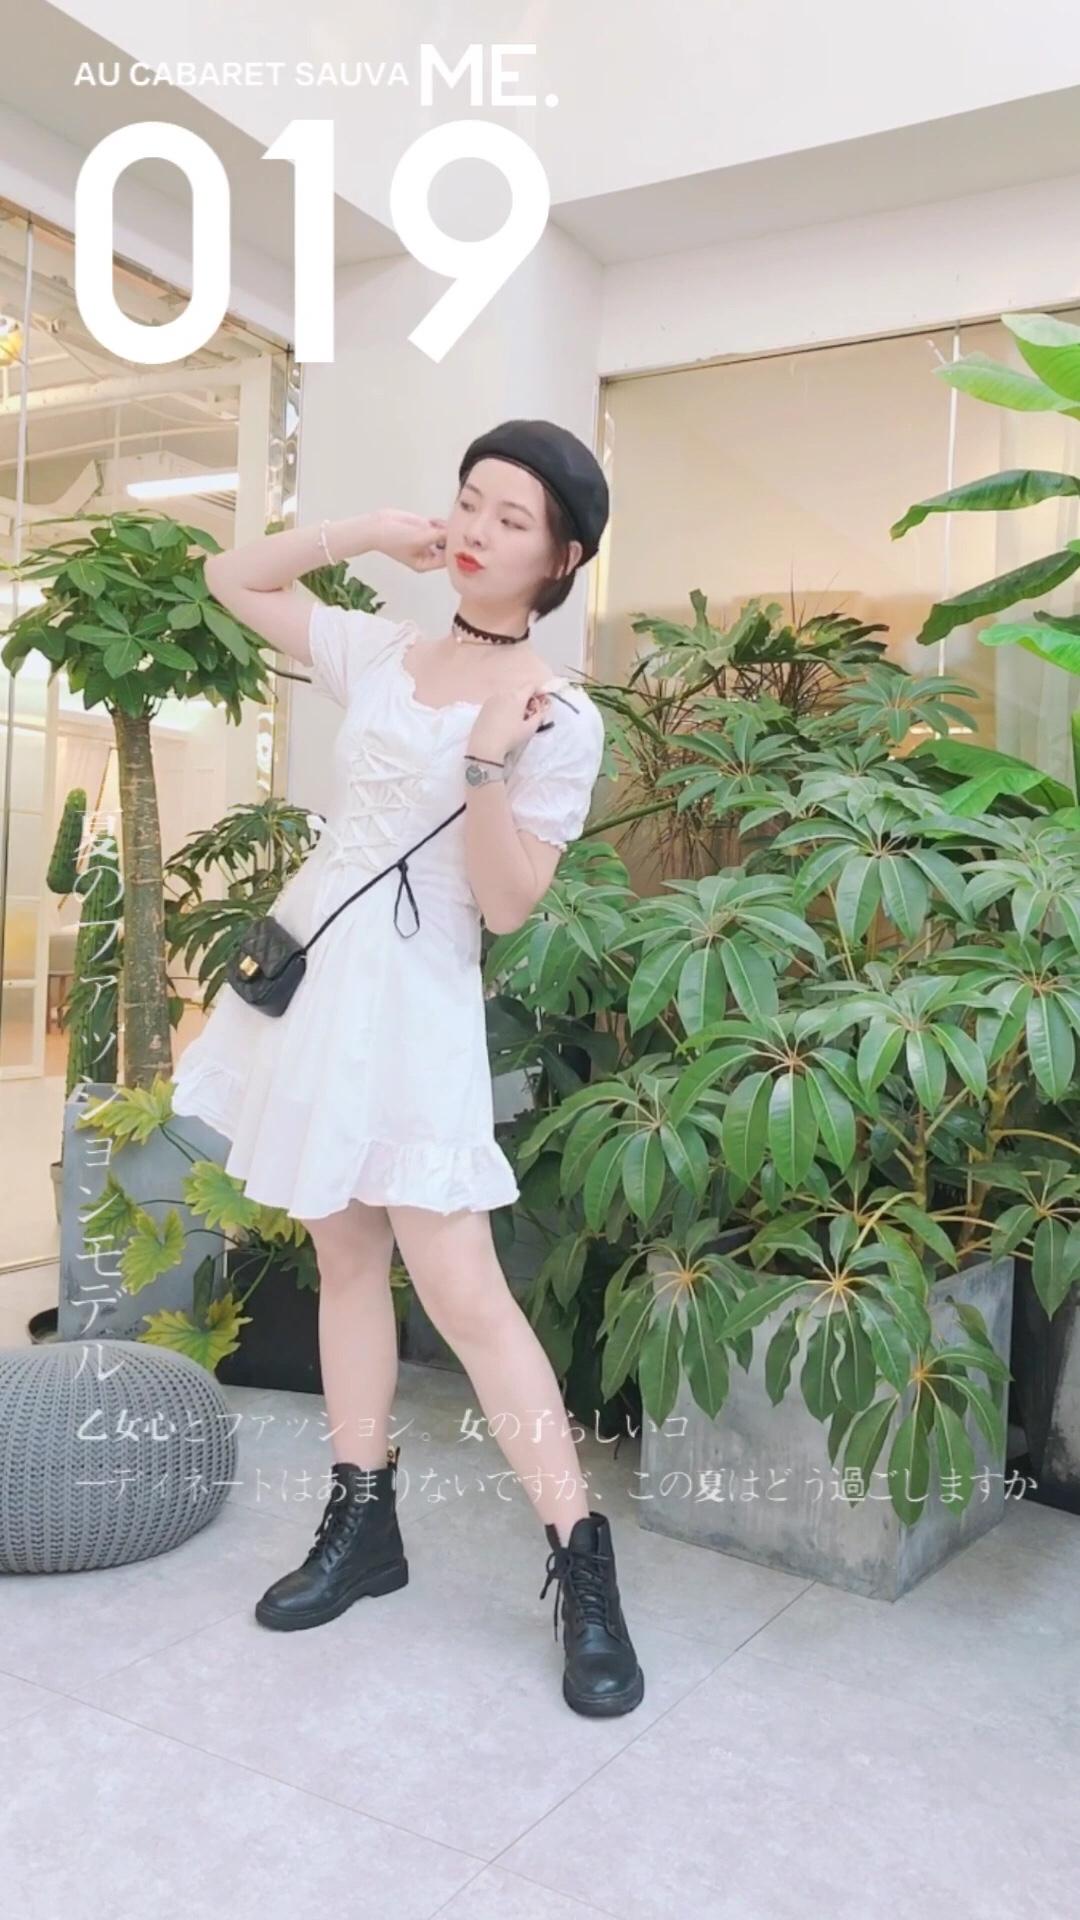 超级甜美的绑带连衣裙 搭配黑色贝雷帽和马丁靴 酷酷的! #仙女裙,俘获男神就靠它#